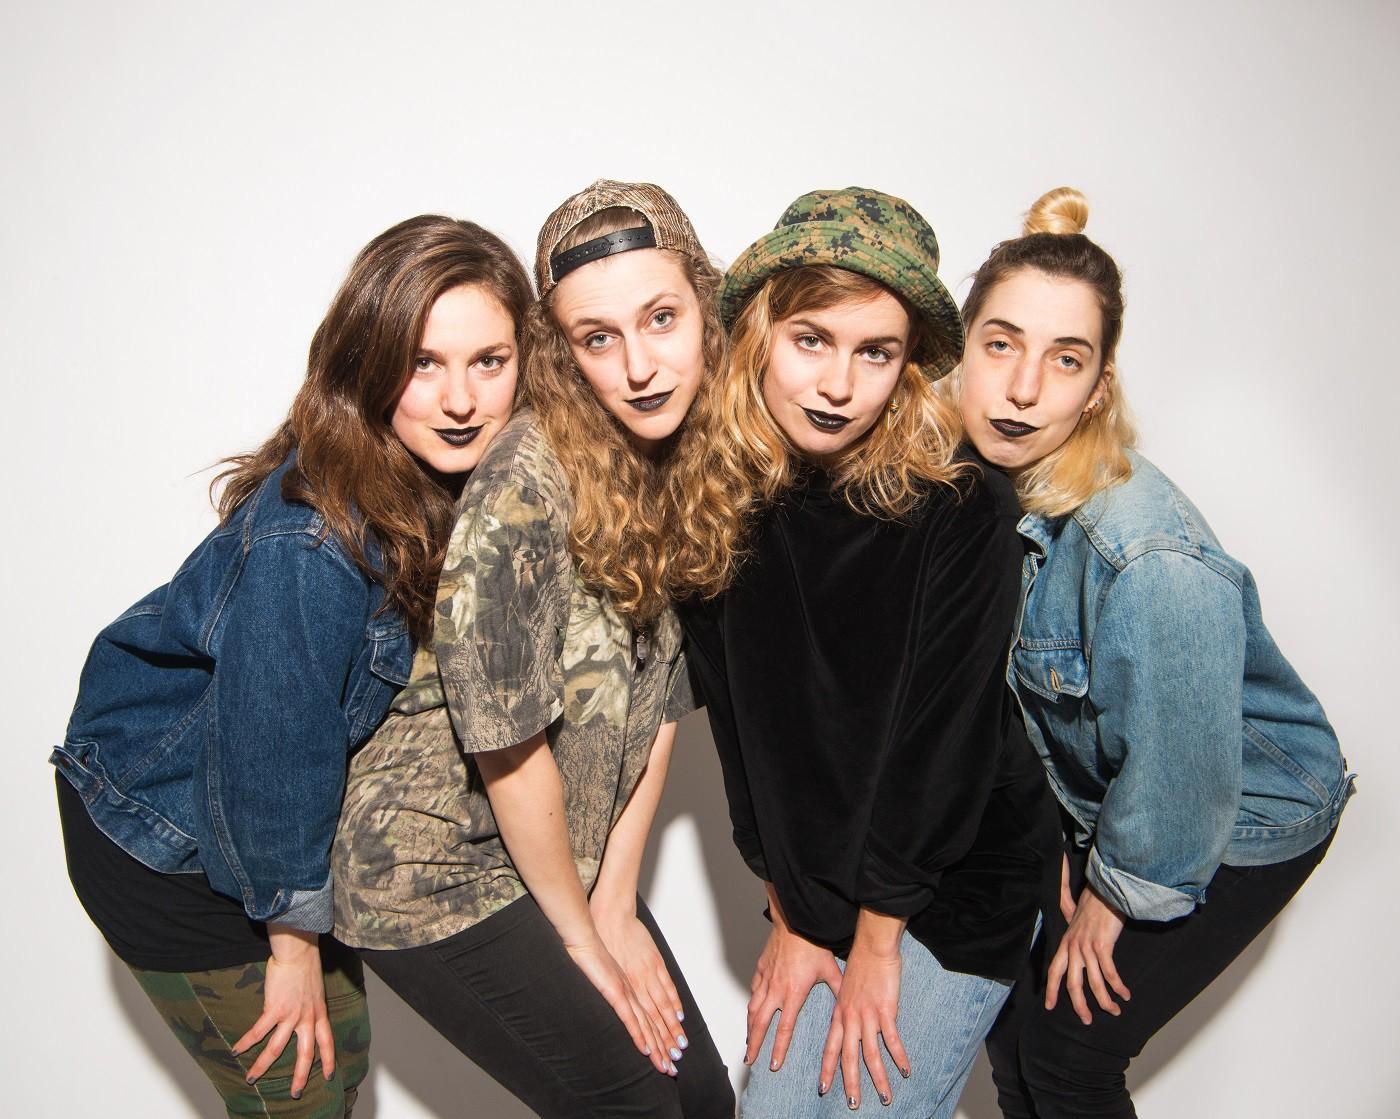 [MÚSICA] Chastity Belt: A banda feminista que não se leva tão a sério